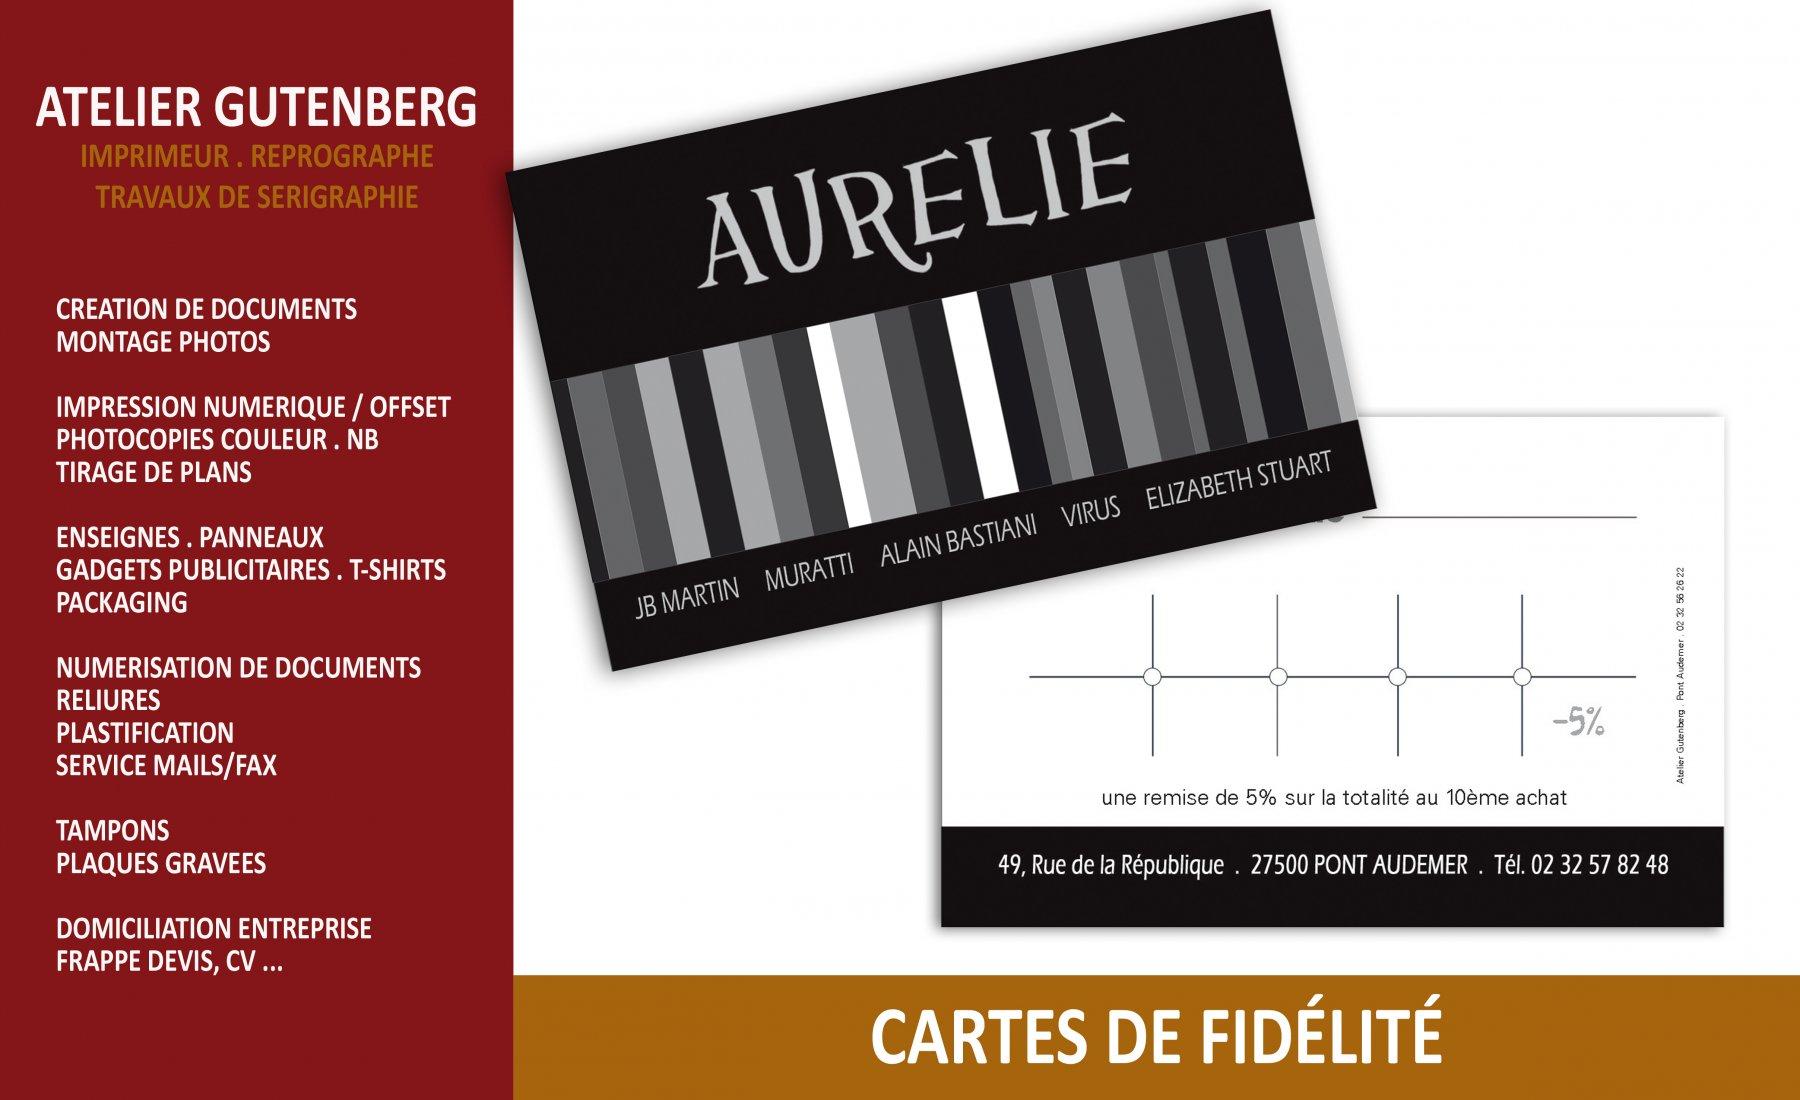 atelier gutenberg cartes de fildélité impression quadri recto verso sur couché 350 gr avec un pelliculage mat recto